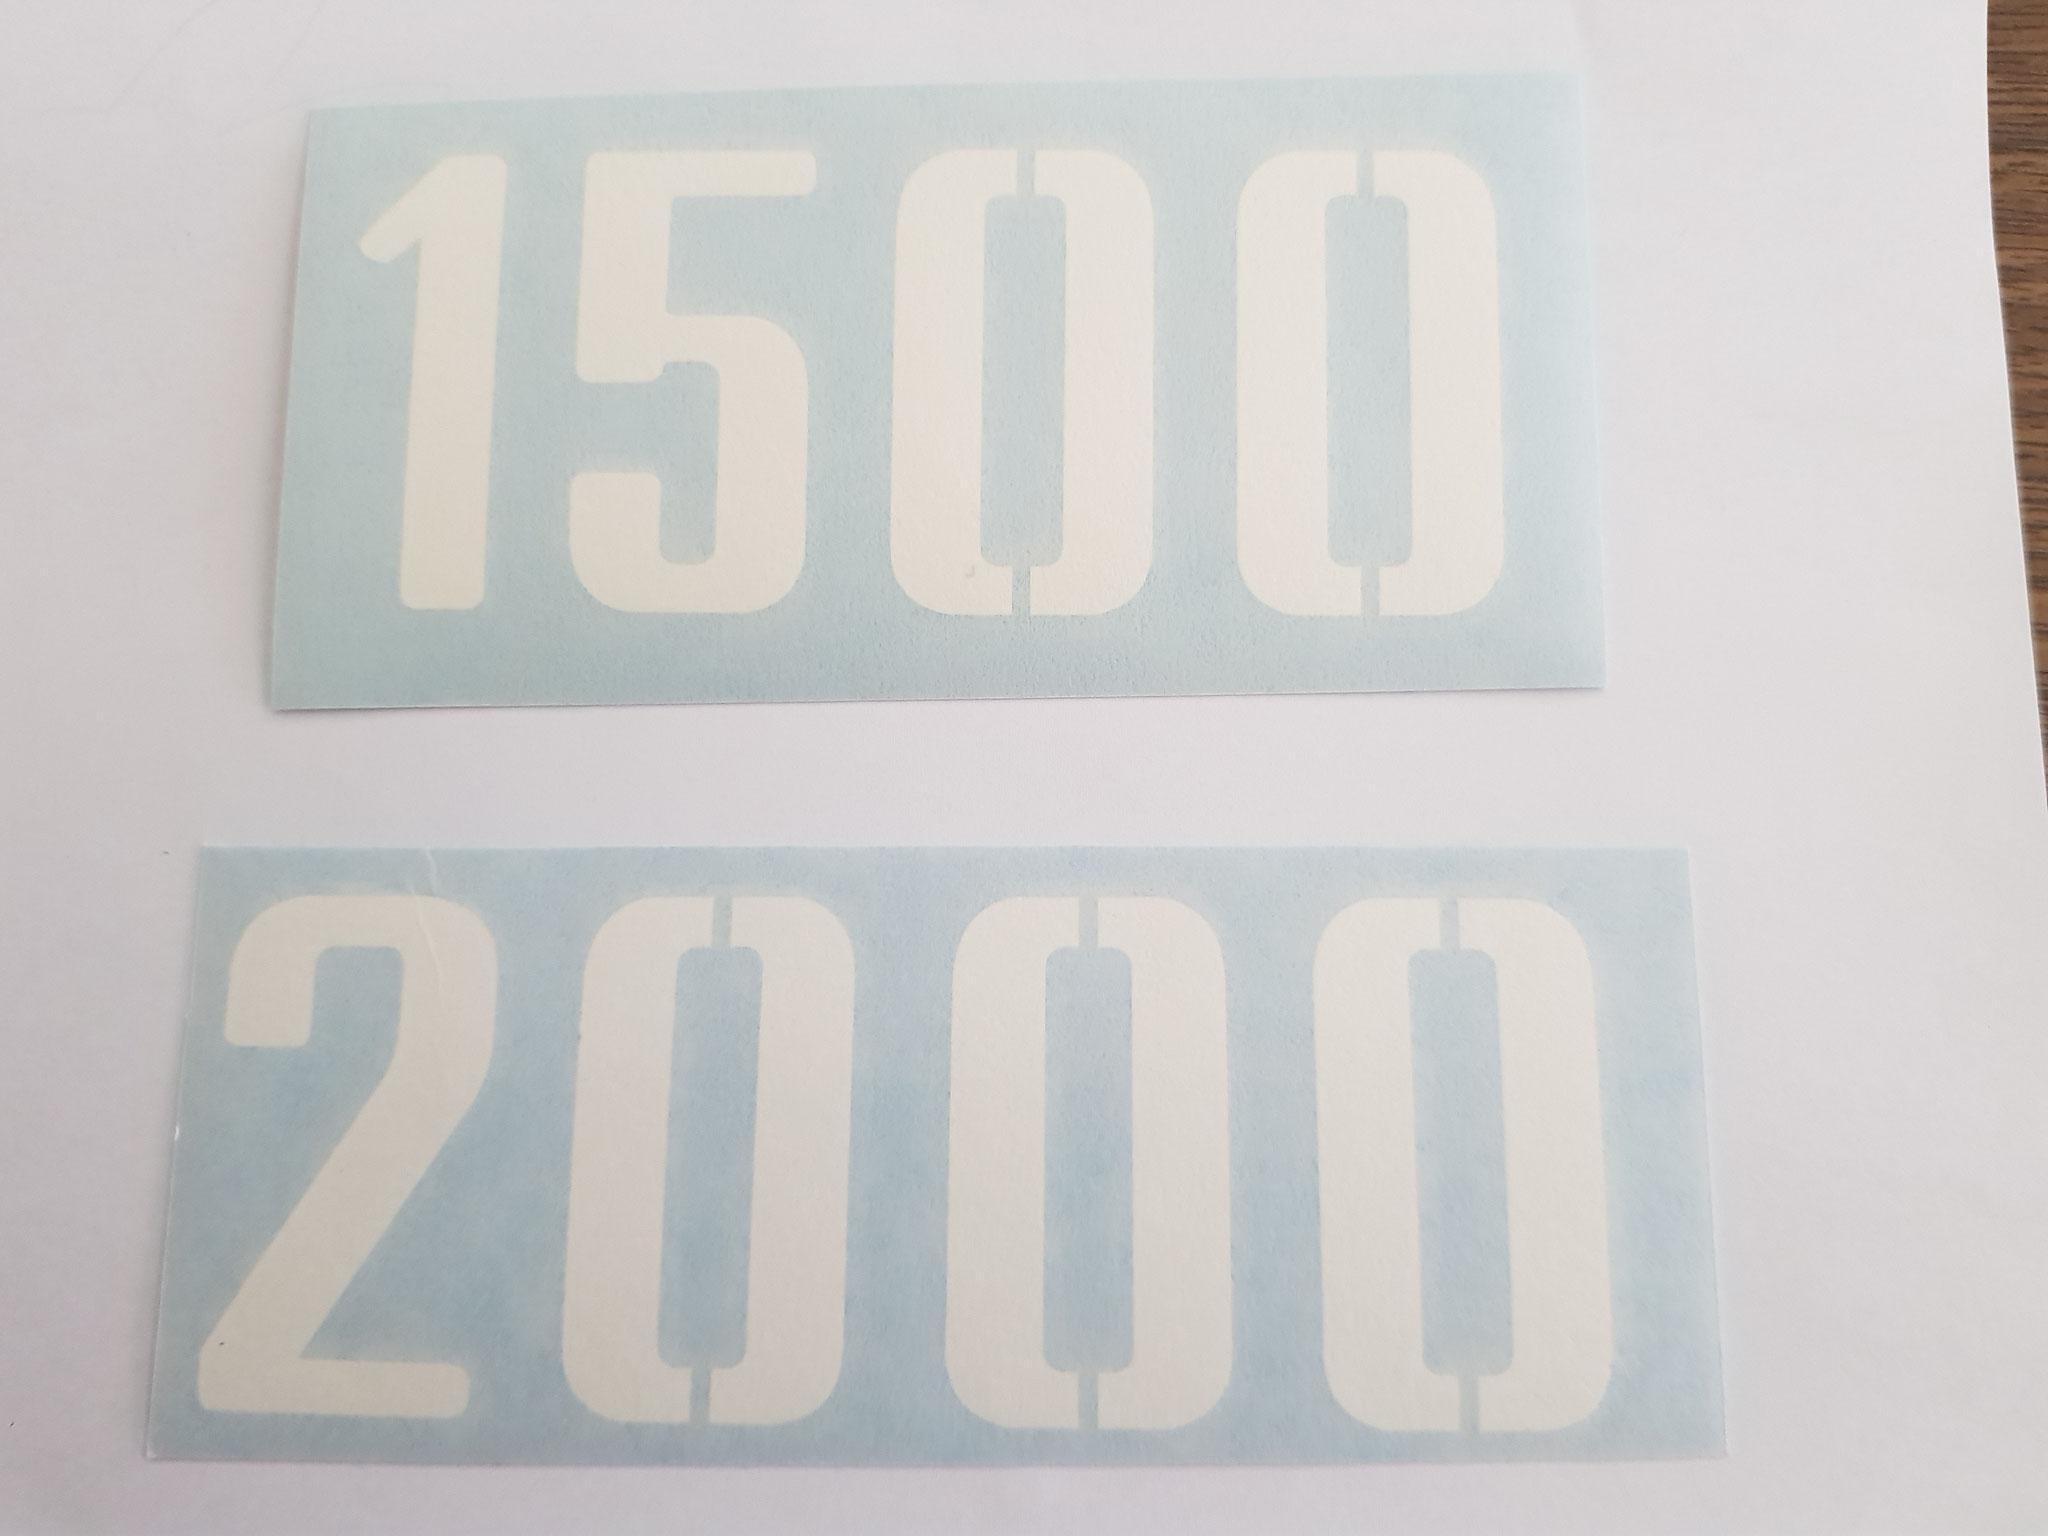 Schilter 1500/2000 Kleber